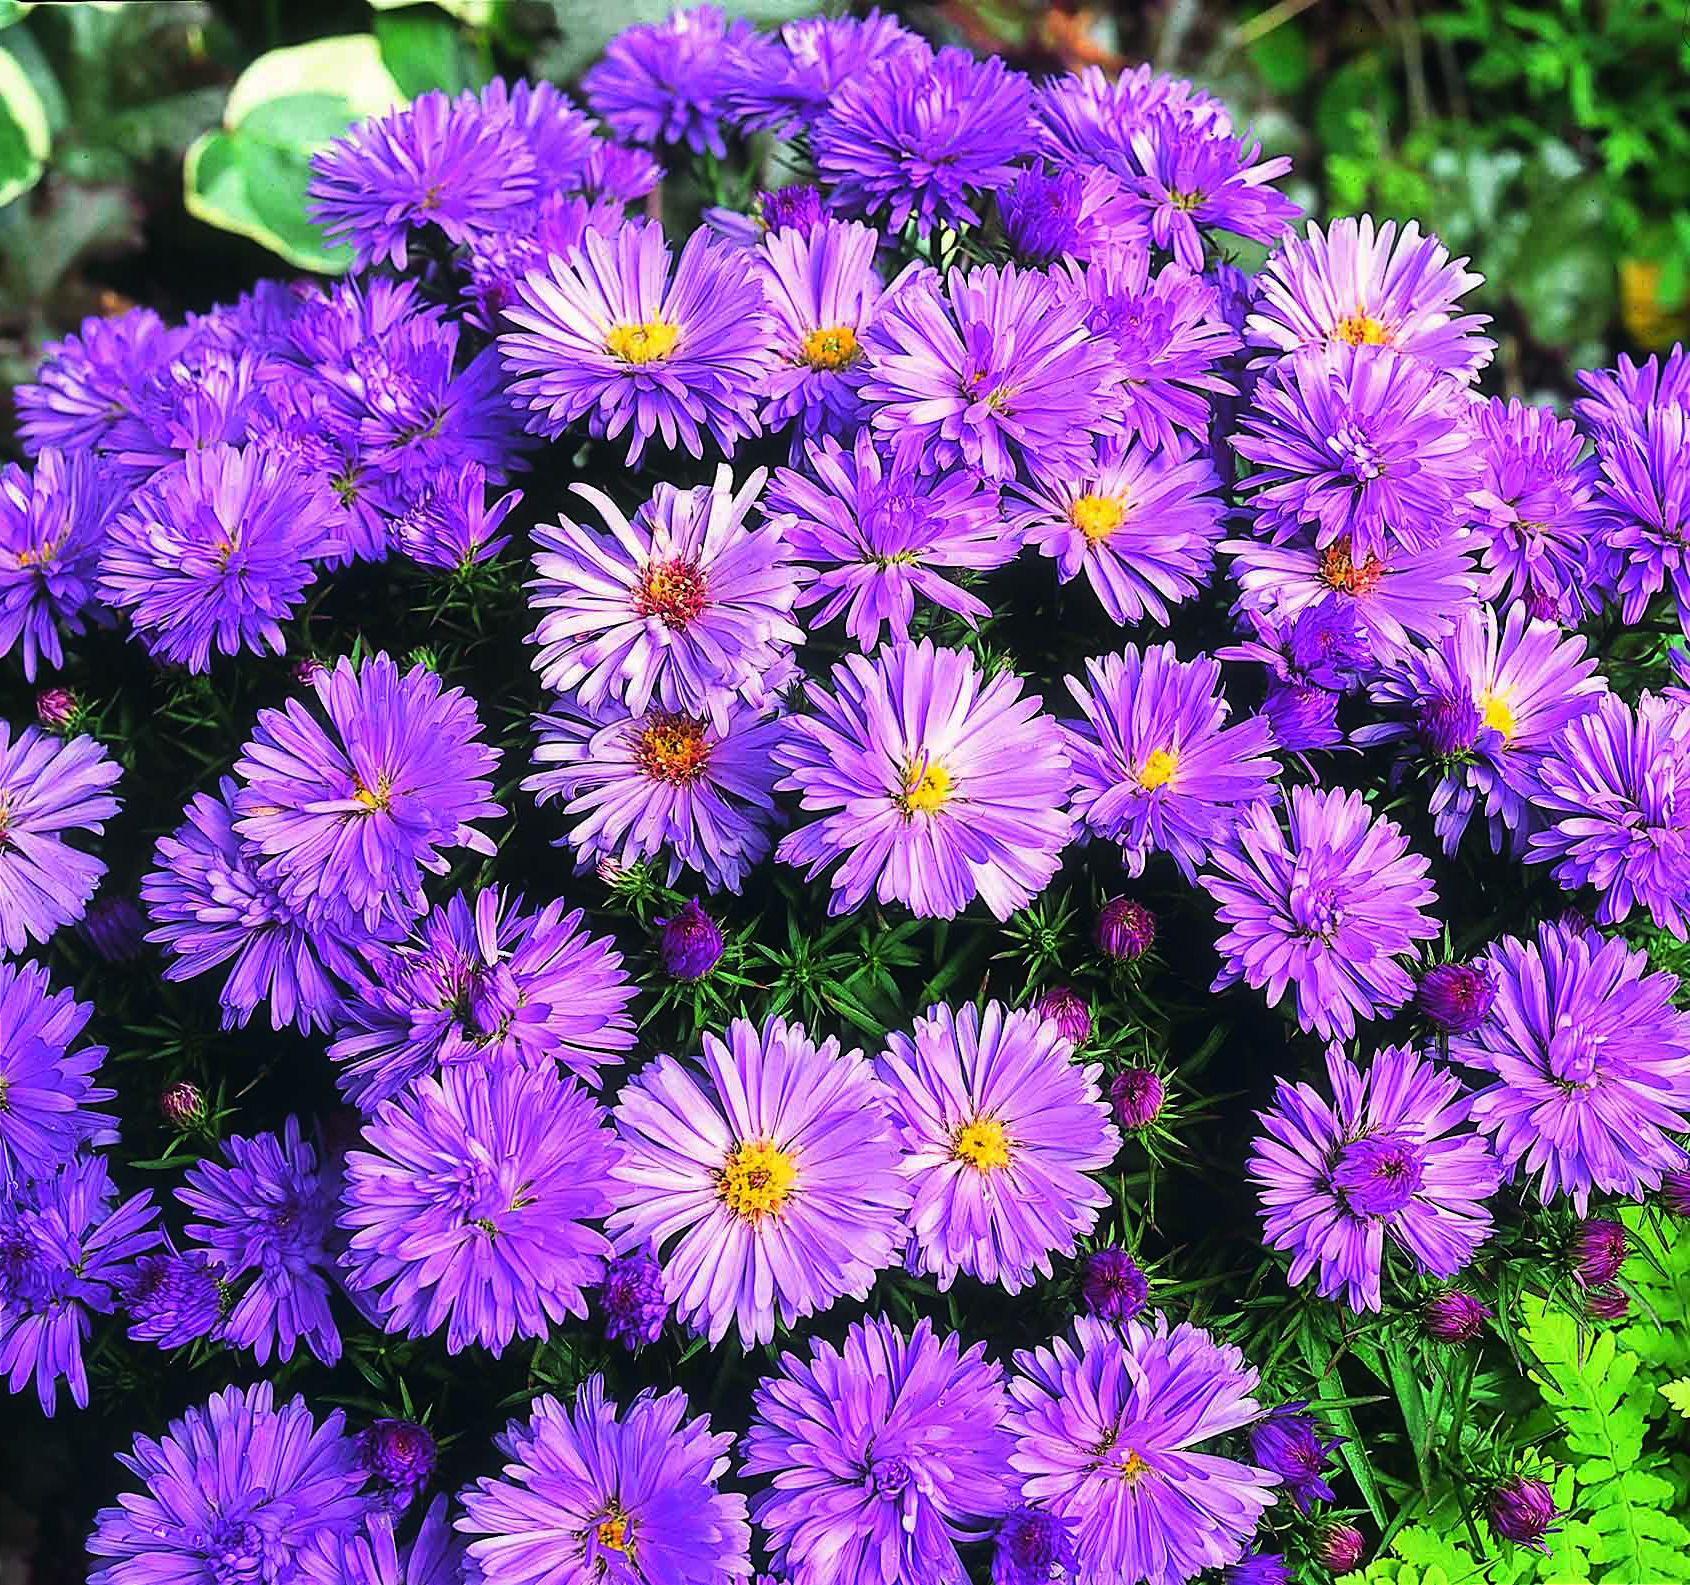 популярные садовые цветы фото с названиями москве отличное место